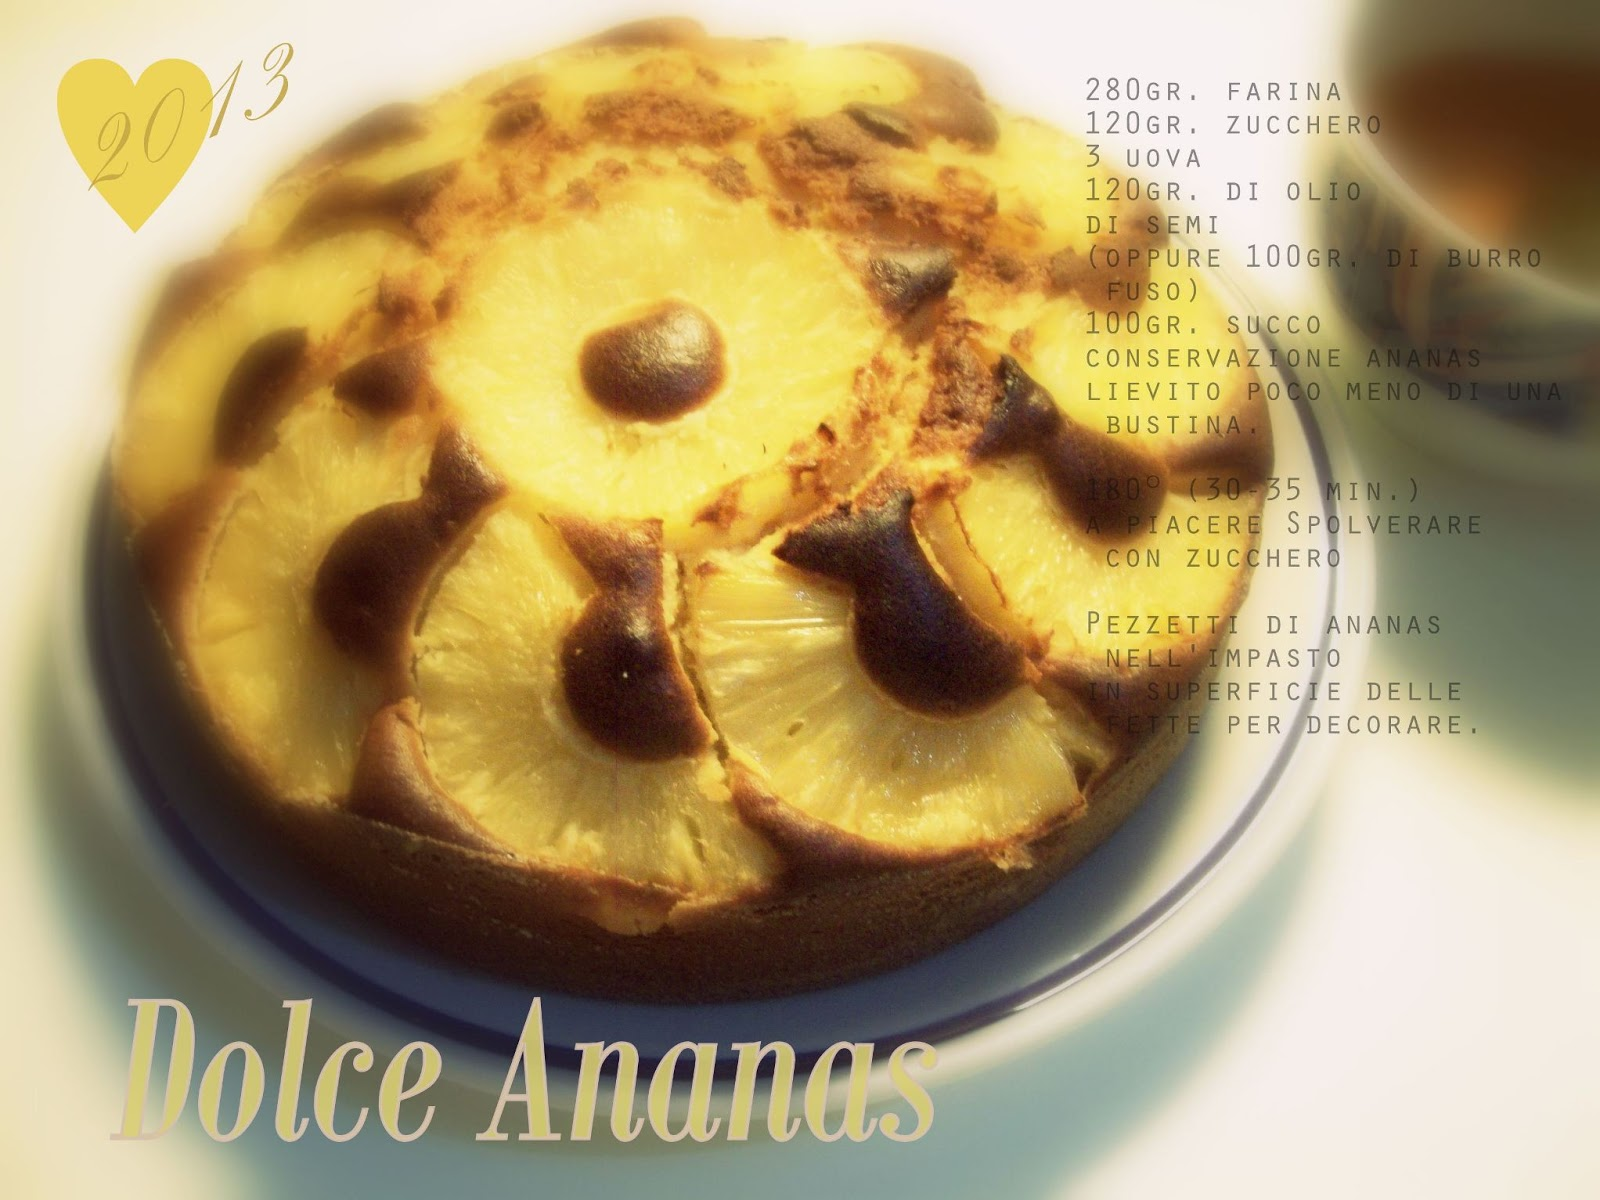 http://4.bp.blogspot.com/-UaeZqO3kIPs/UOJkRQnr8gI/AAAAAAAAIKI/S_Sm6UsvdCc/s1600/Ahania_dolce_ananas.jpg